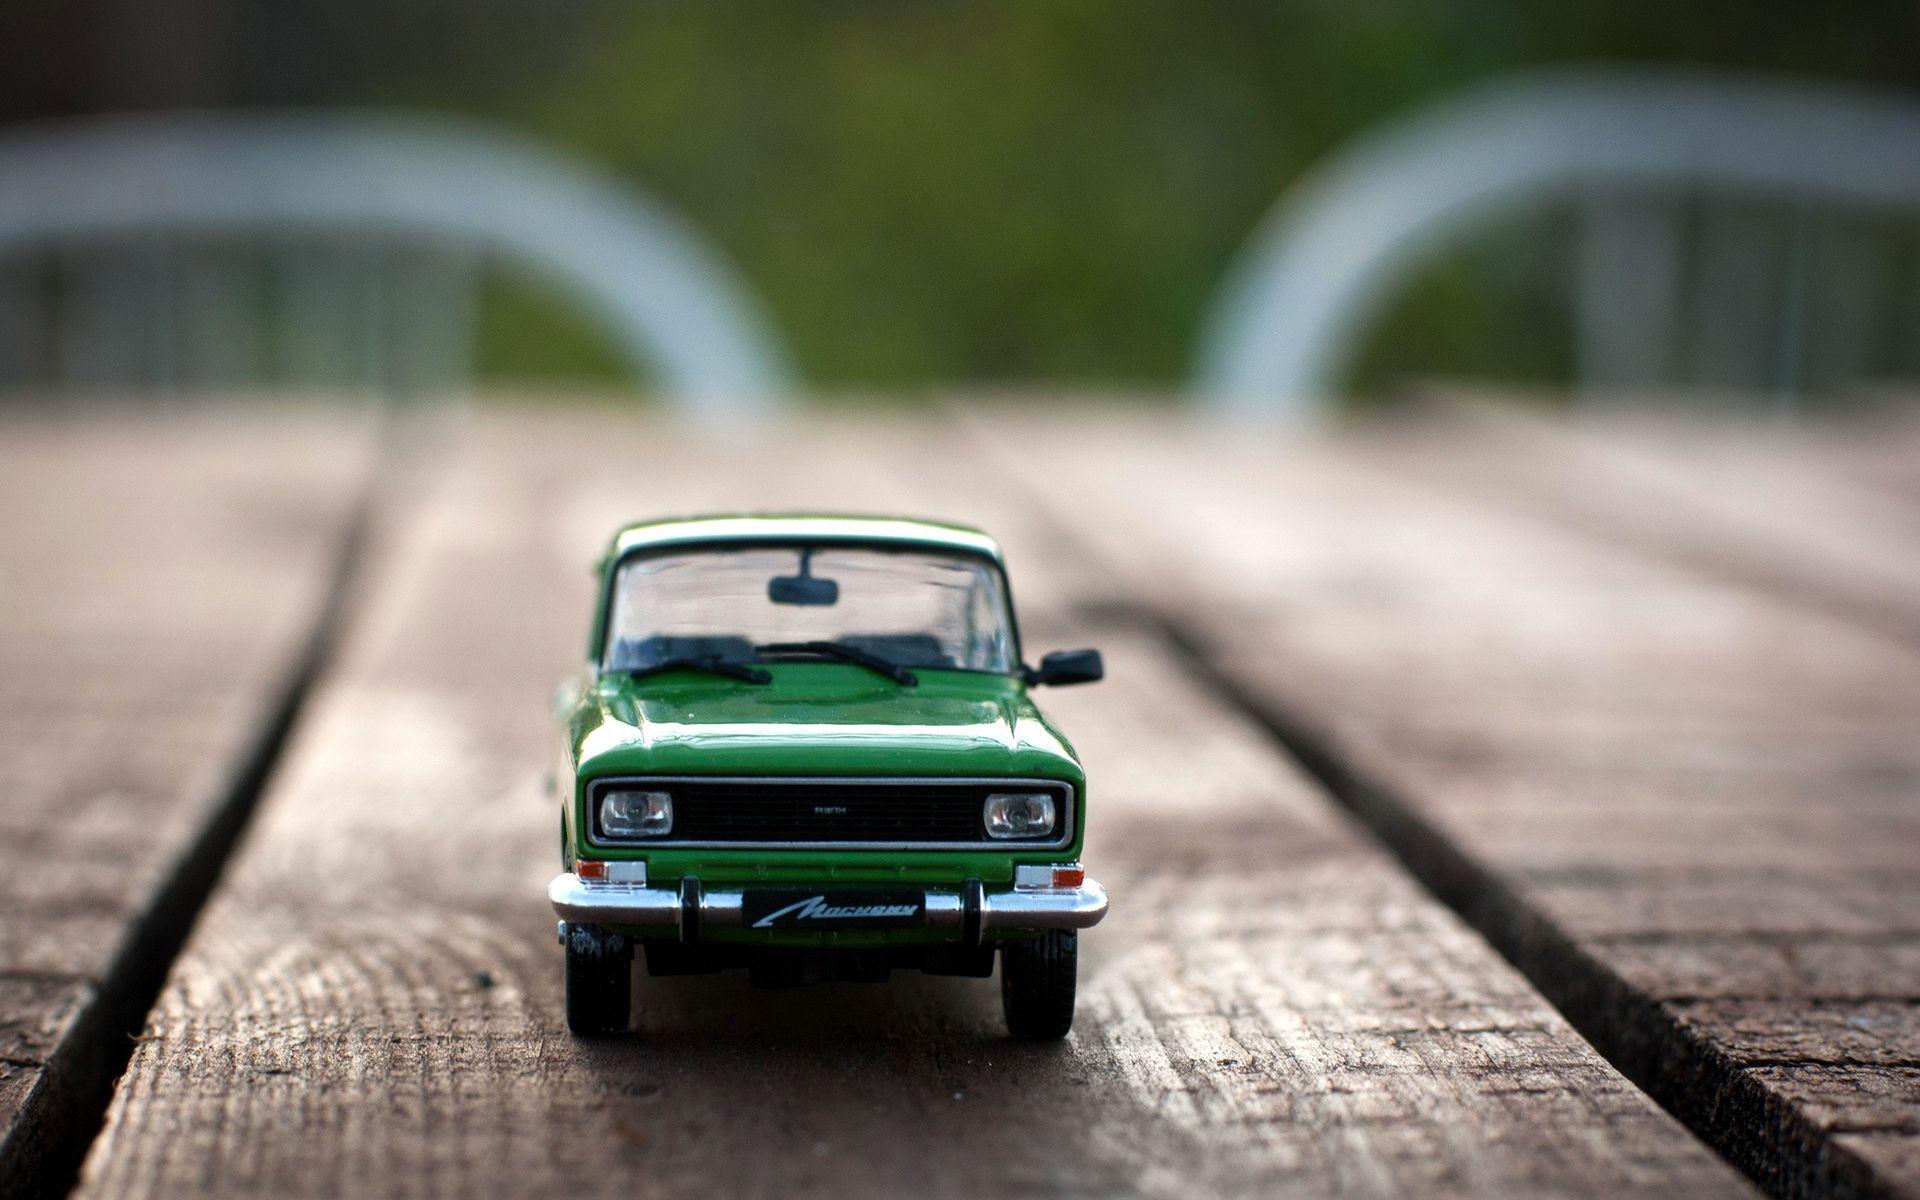 Classic Toy Car Hdwallpaperfx Di 2019 Mobil Mainan Dan Fotografi